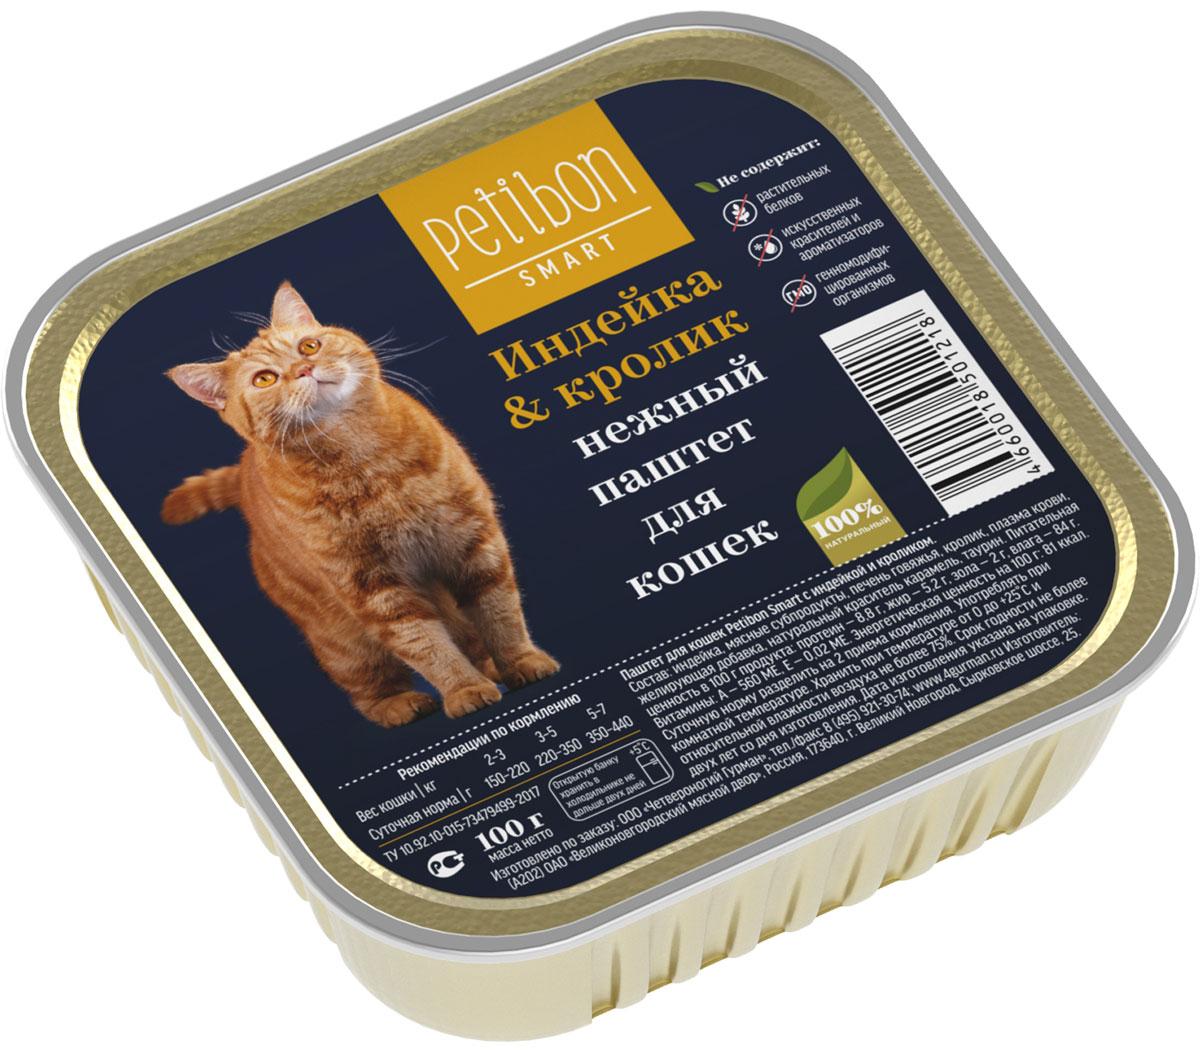 Корм консервированный для кошек Petibon Smart Паштет, с индейкой и кроликом, 100 г317201001Индейка, мясные субпродукты, печень говяжья, кролик, плазма крови, желирующая добавка, натуральный краситель карамель, таурин.Протеин — 8,8 г, жир — 5,2 г, зола — 2 г, влага — 84 г. А — 560 МЕ, Е — 0,02 МЕ.